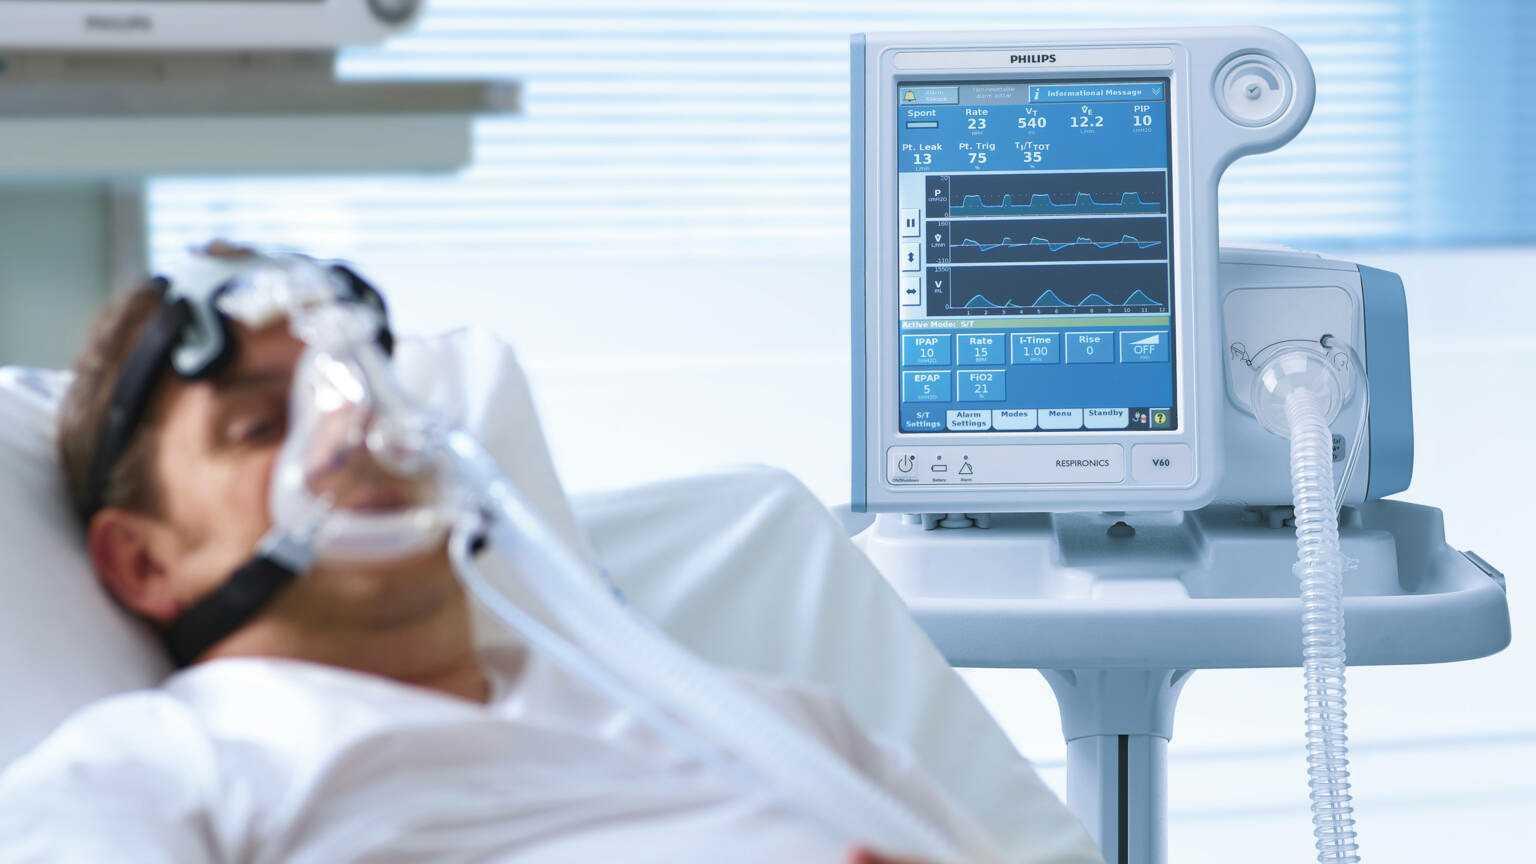 Аппарат для искусственной вентиляции лёгких. Фото: Philips.